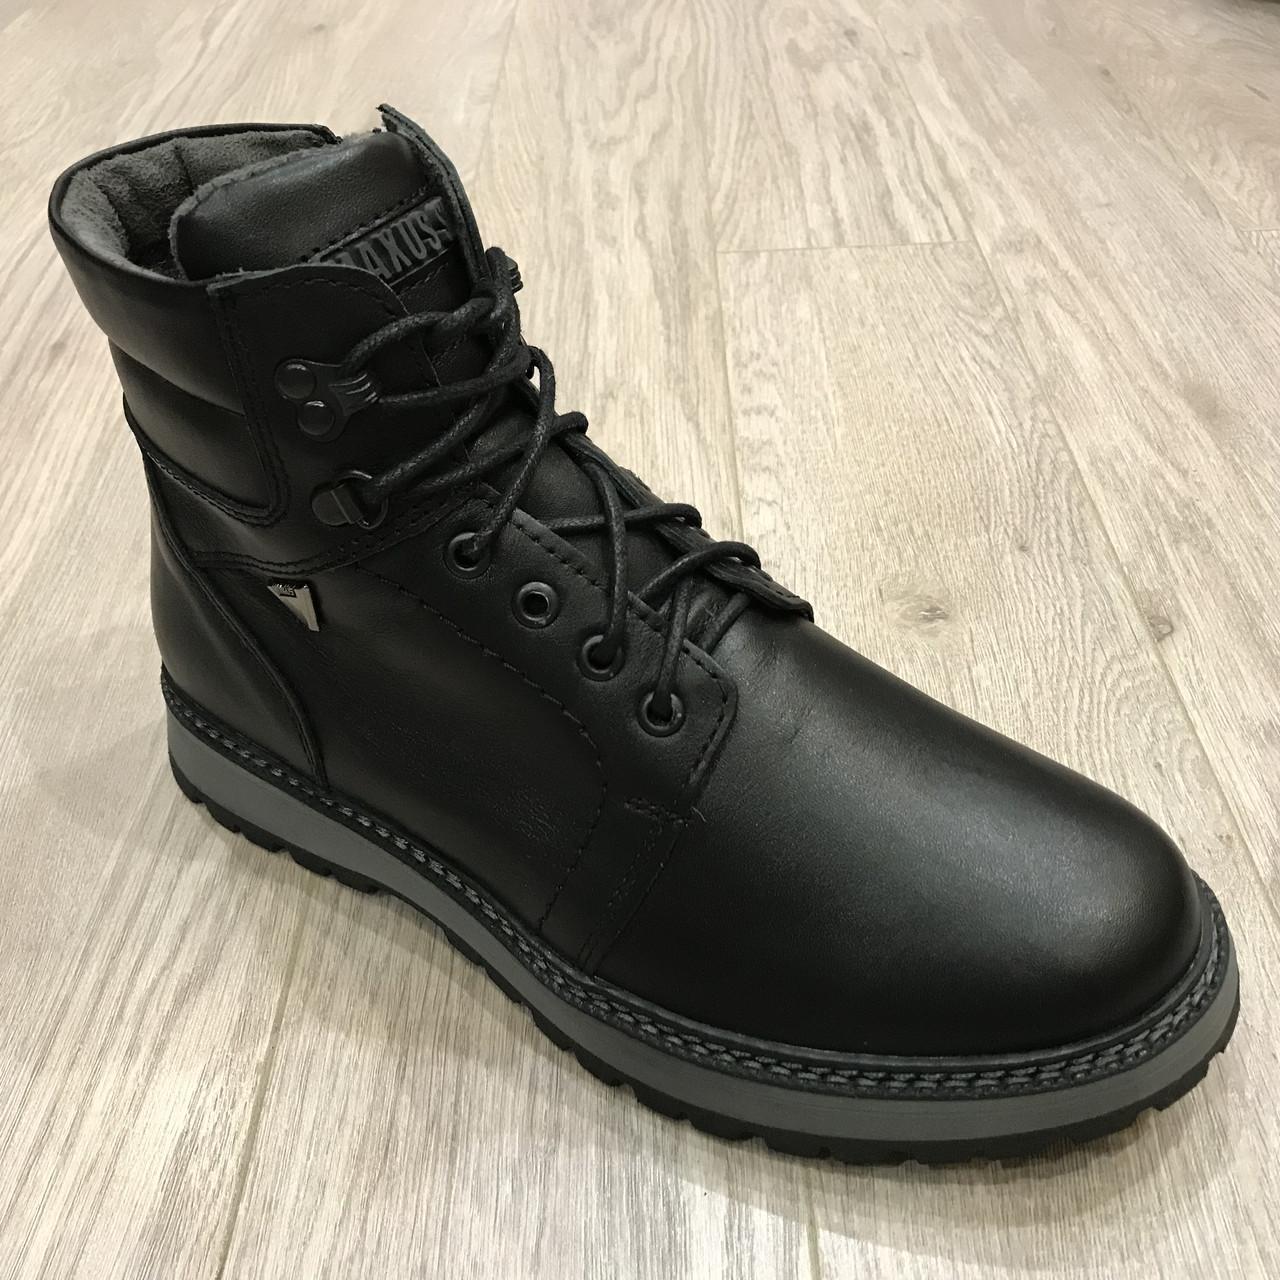 Мужские кожаные зимние ботинки Maxus / очень качественные